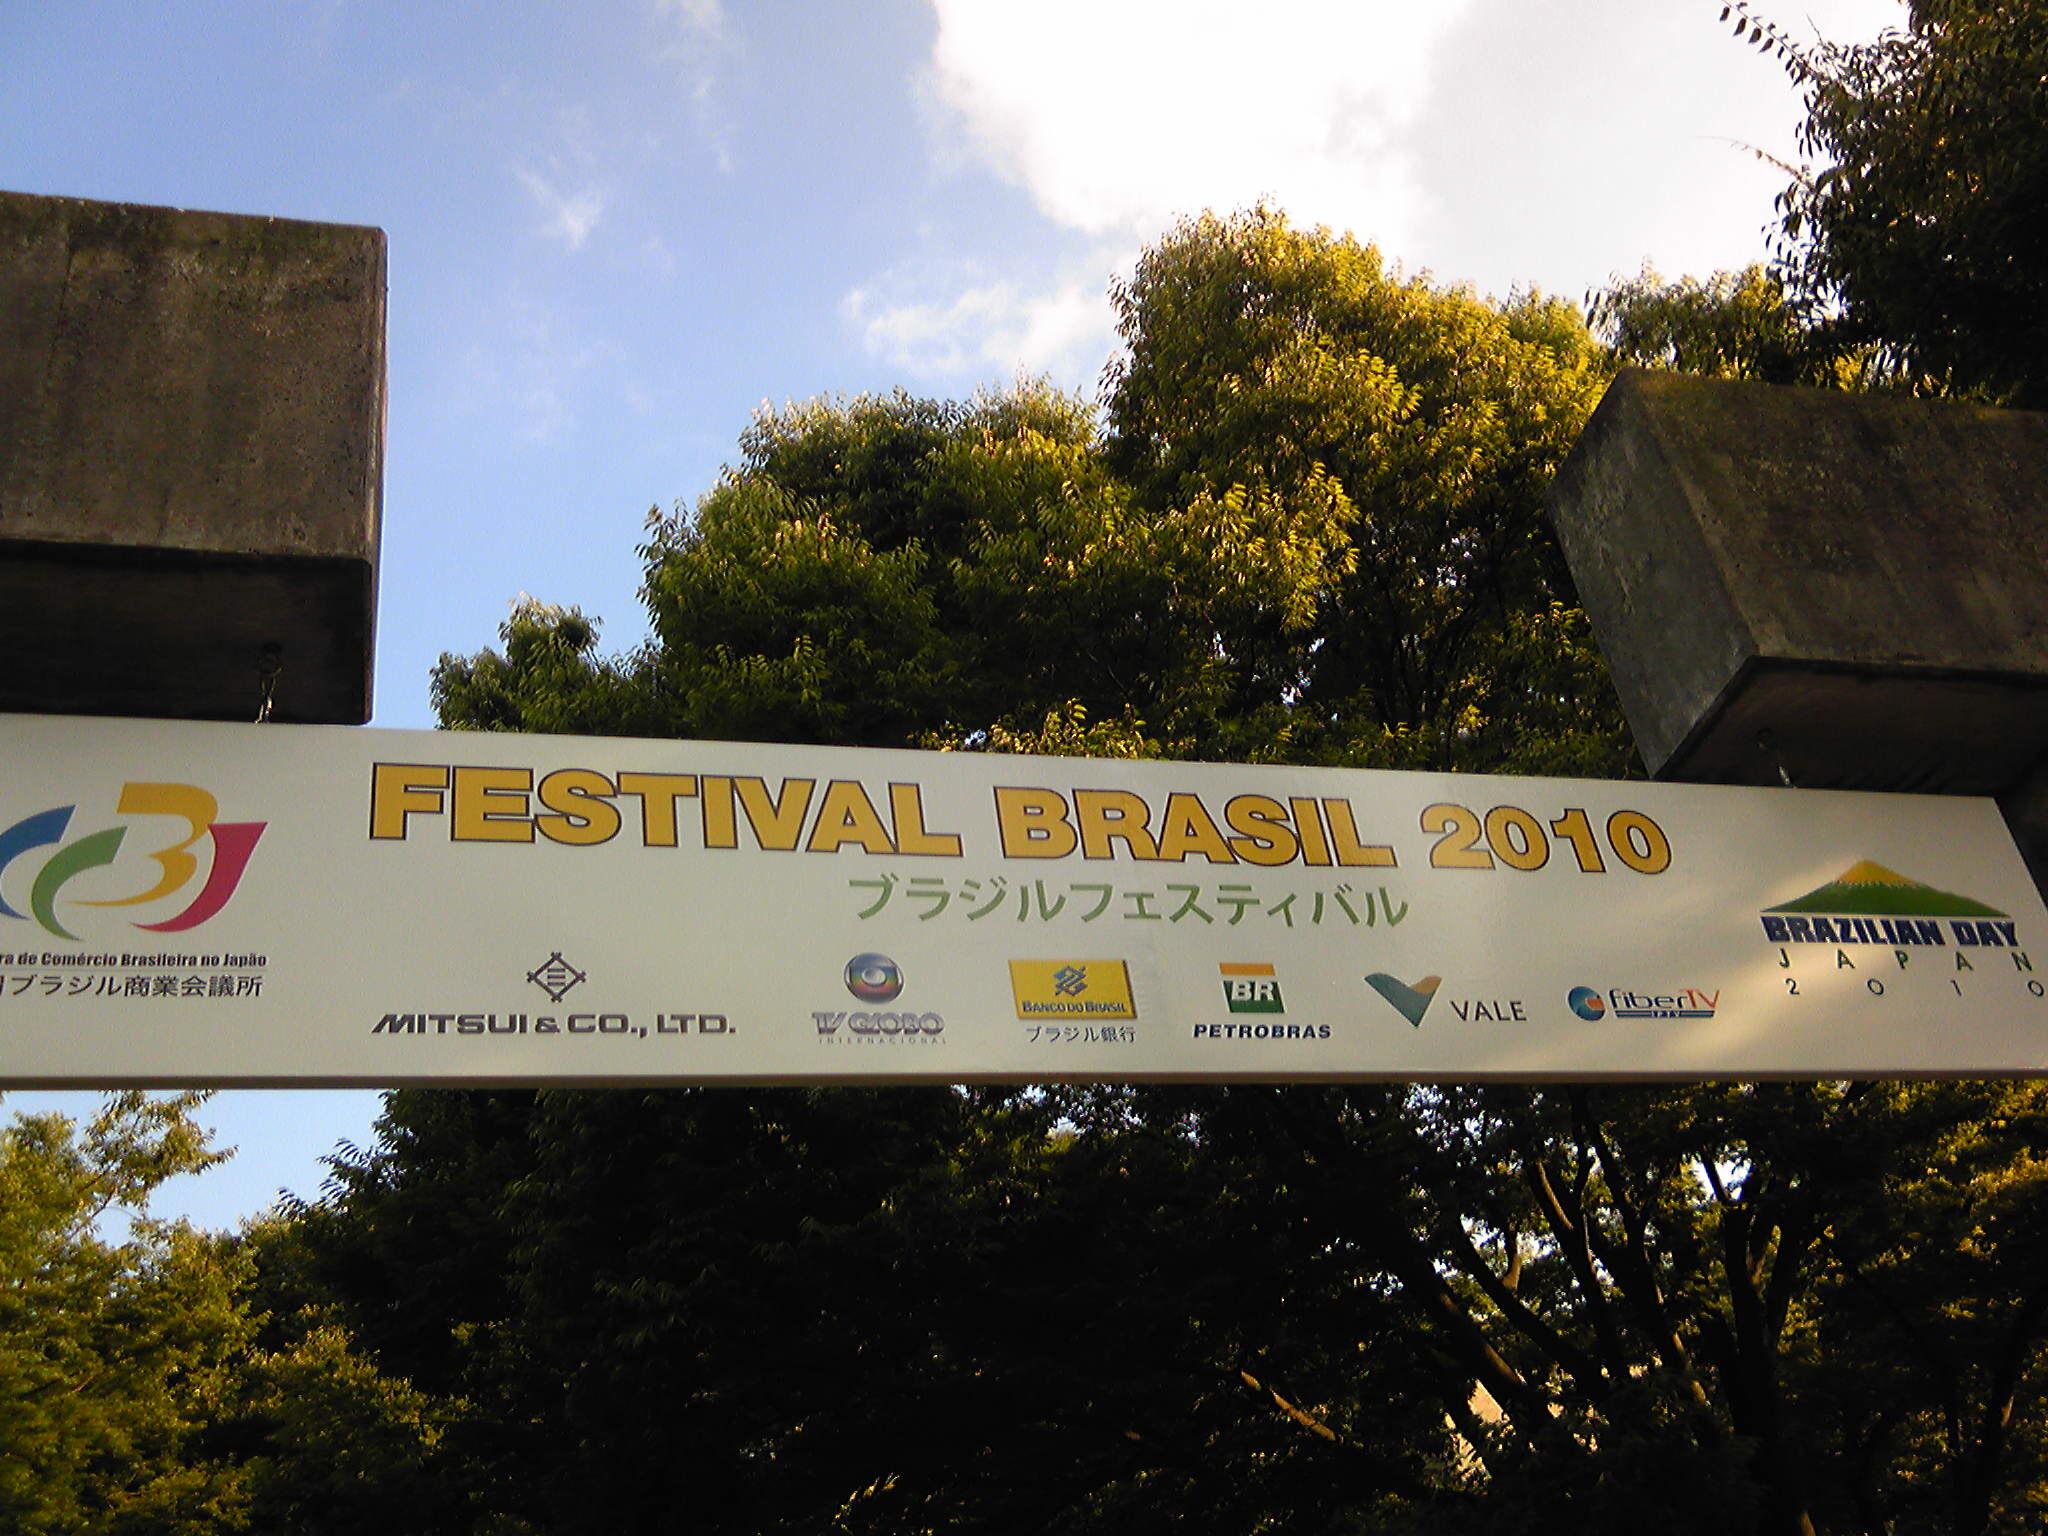 ブラジル・フェスティバル